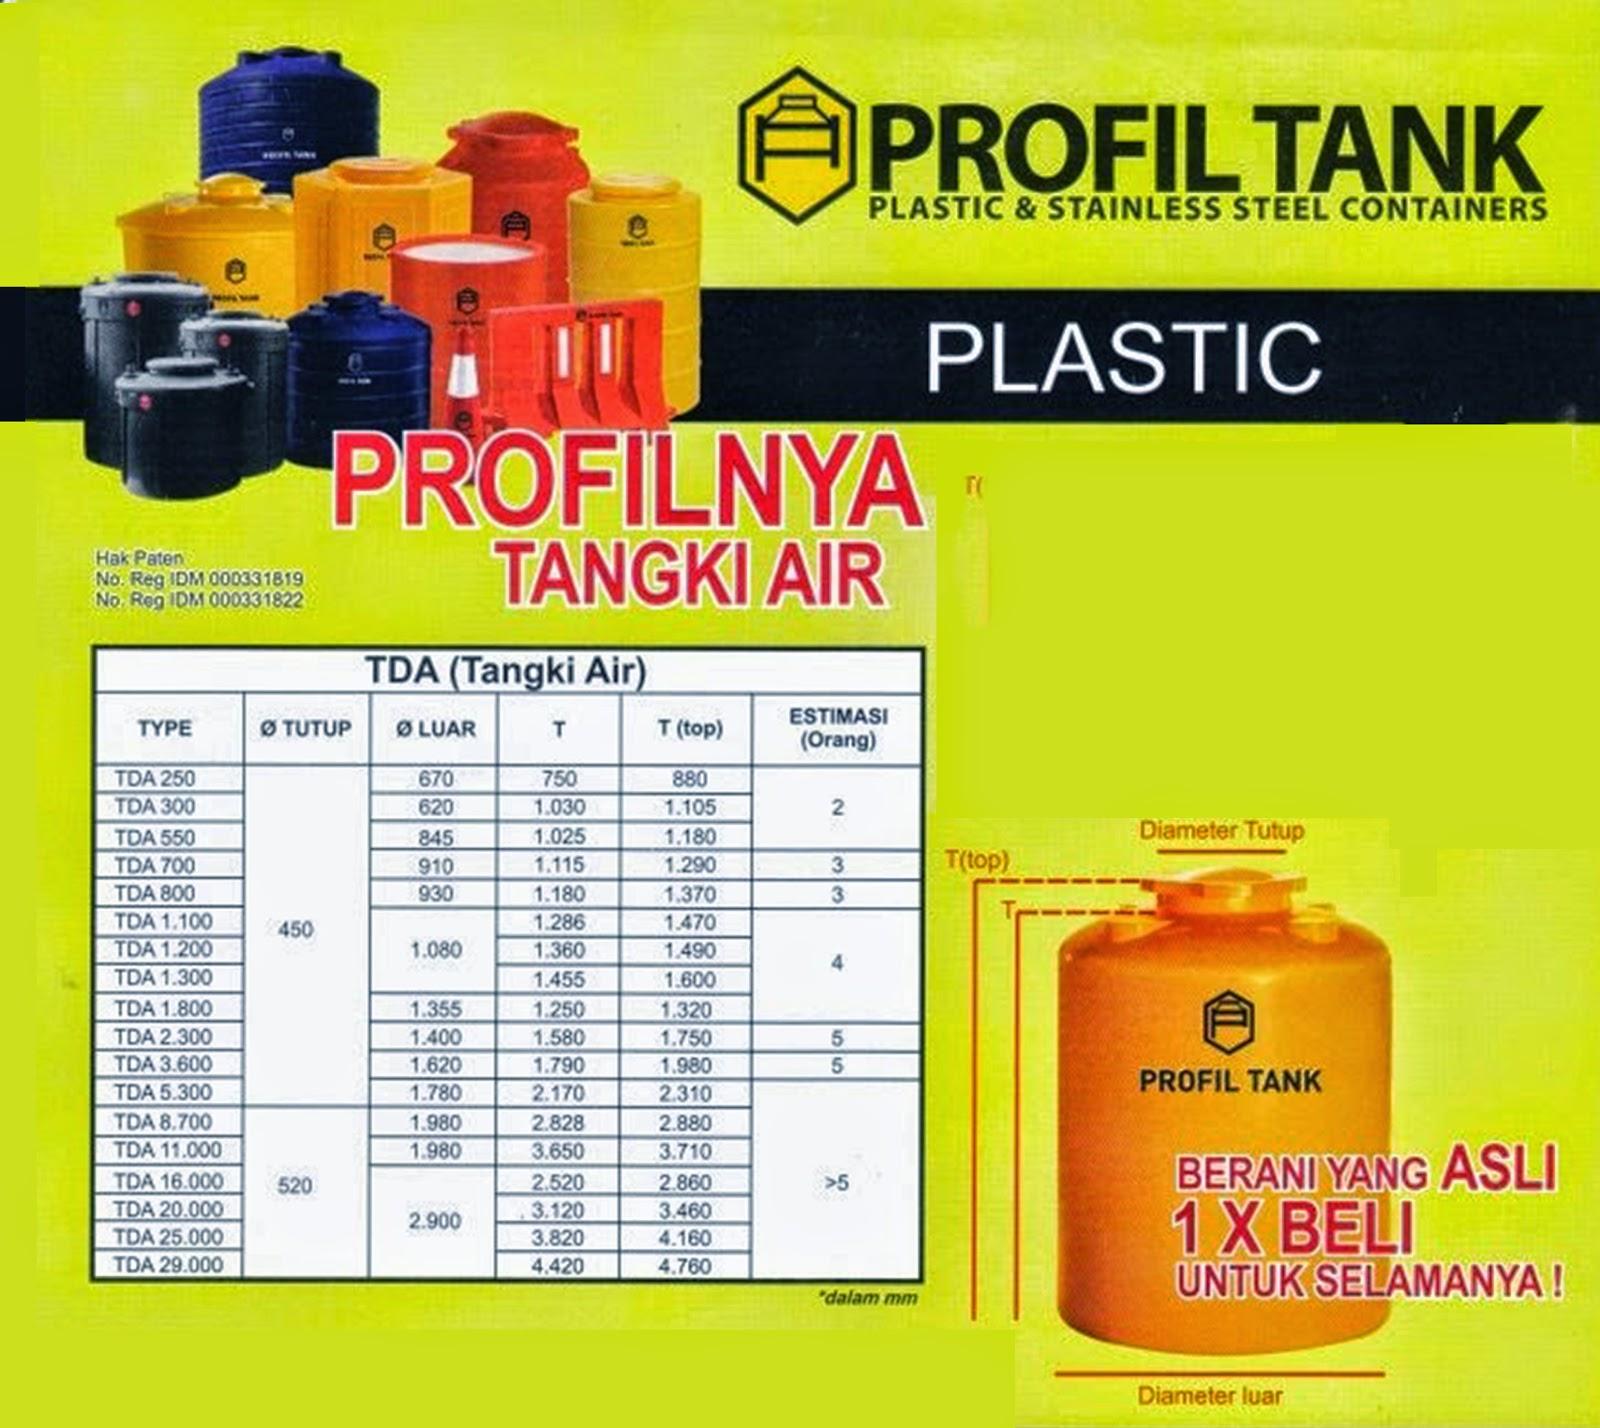 tandontangkiairprofiltankplastik